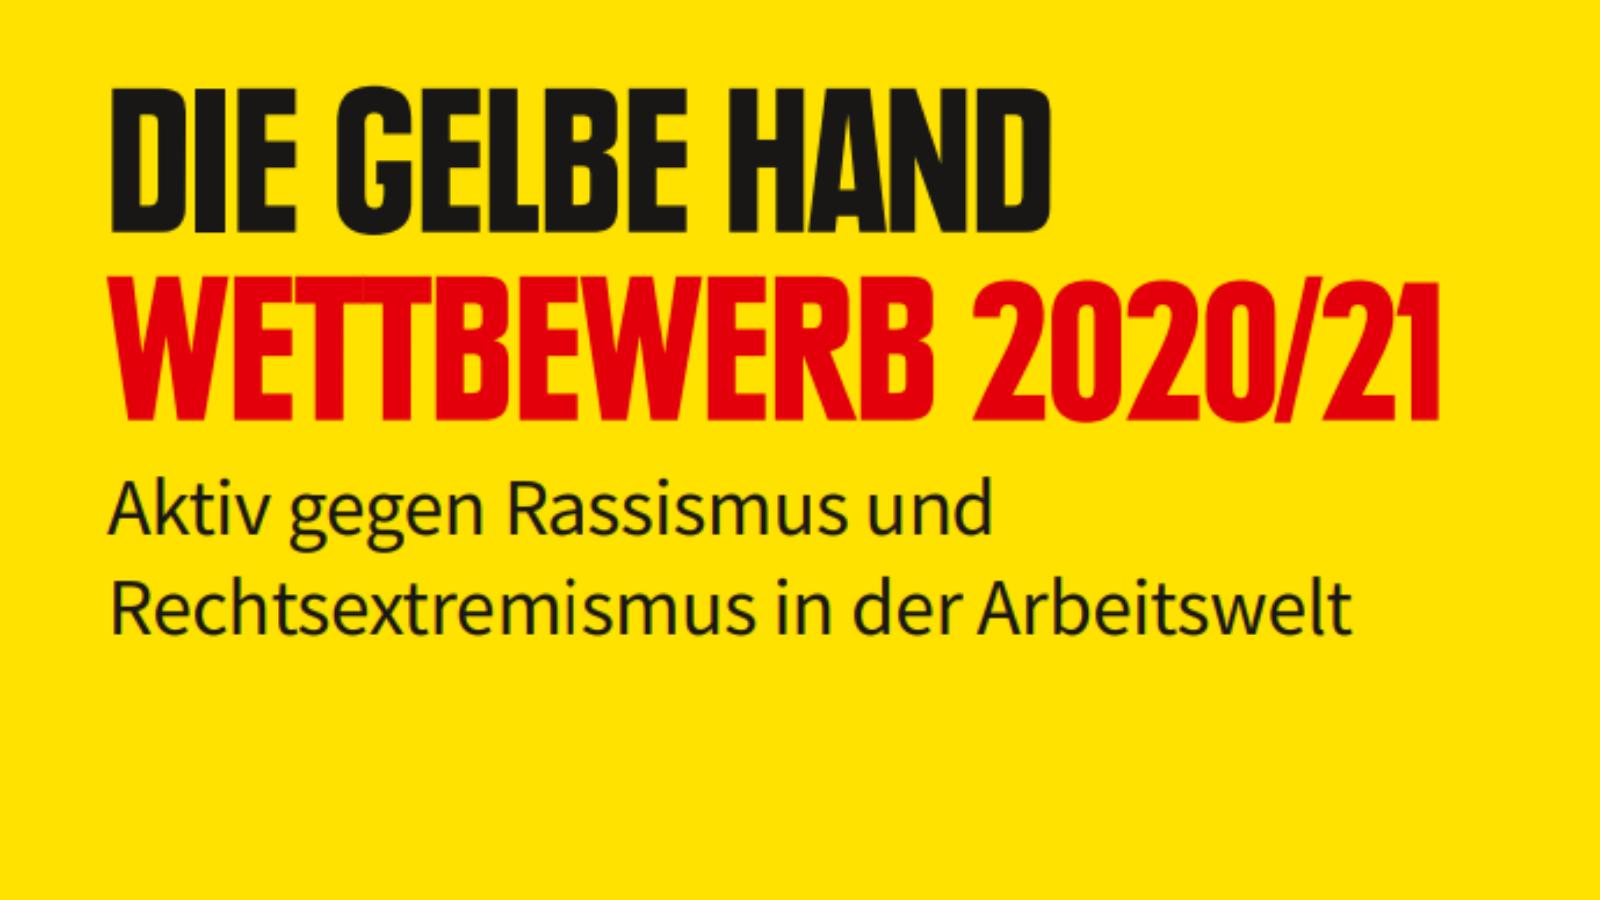 Logo zum Wettbewerb 2020/21 von